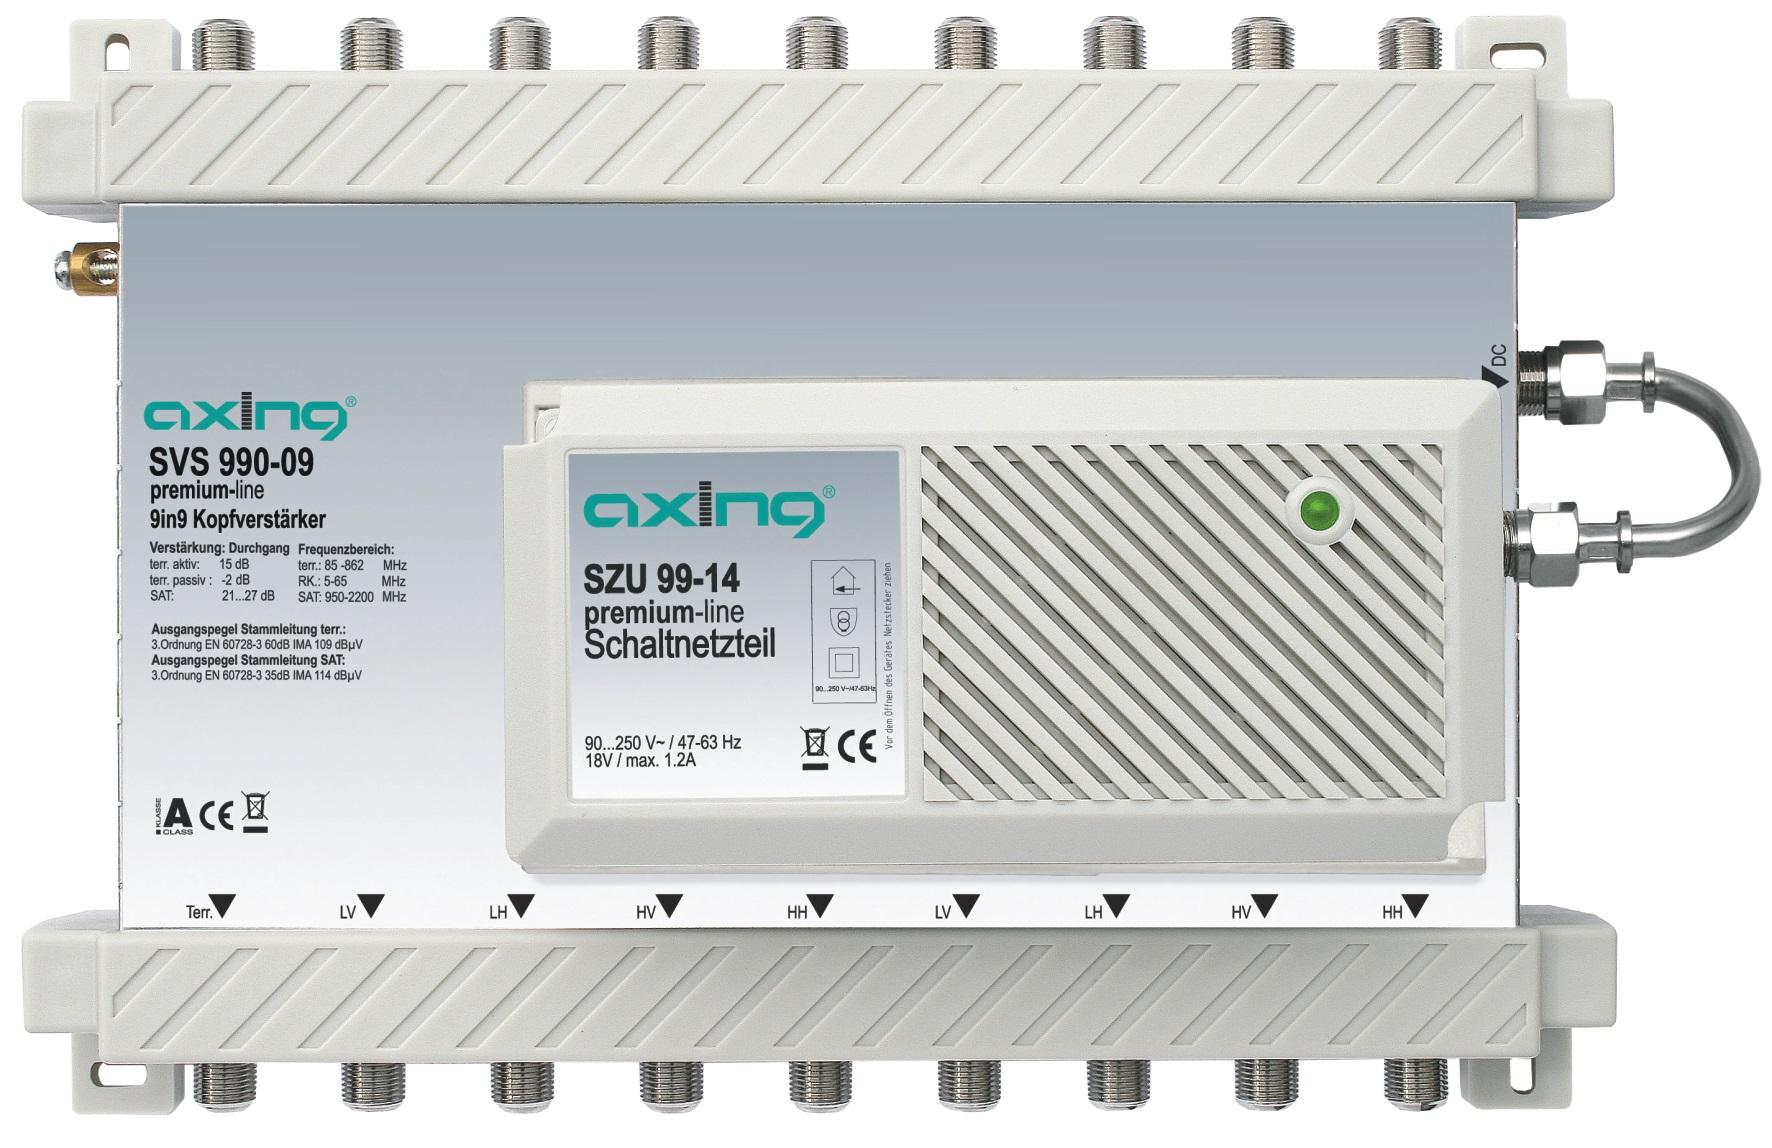 1 Stk SAT Kopfverstärker 9 in 9, SVS 990-09 HSATSV909A